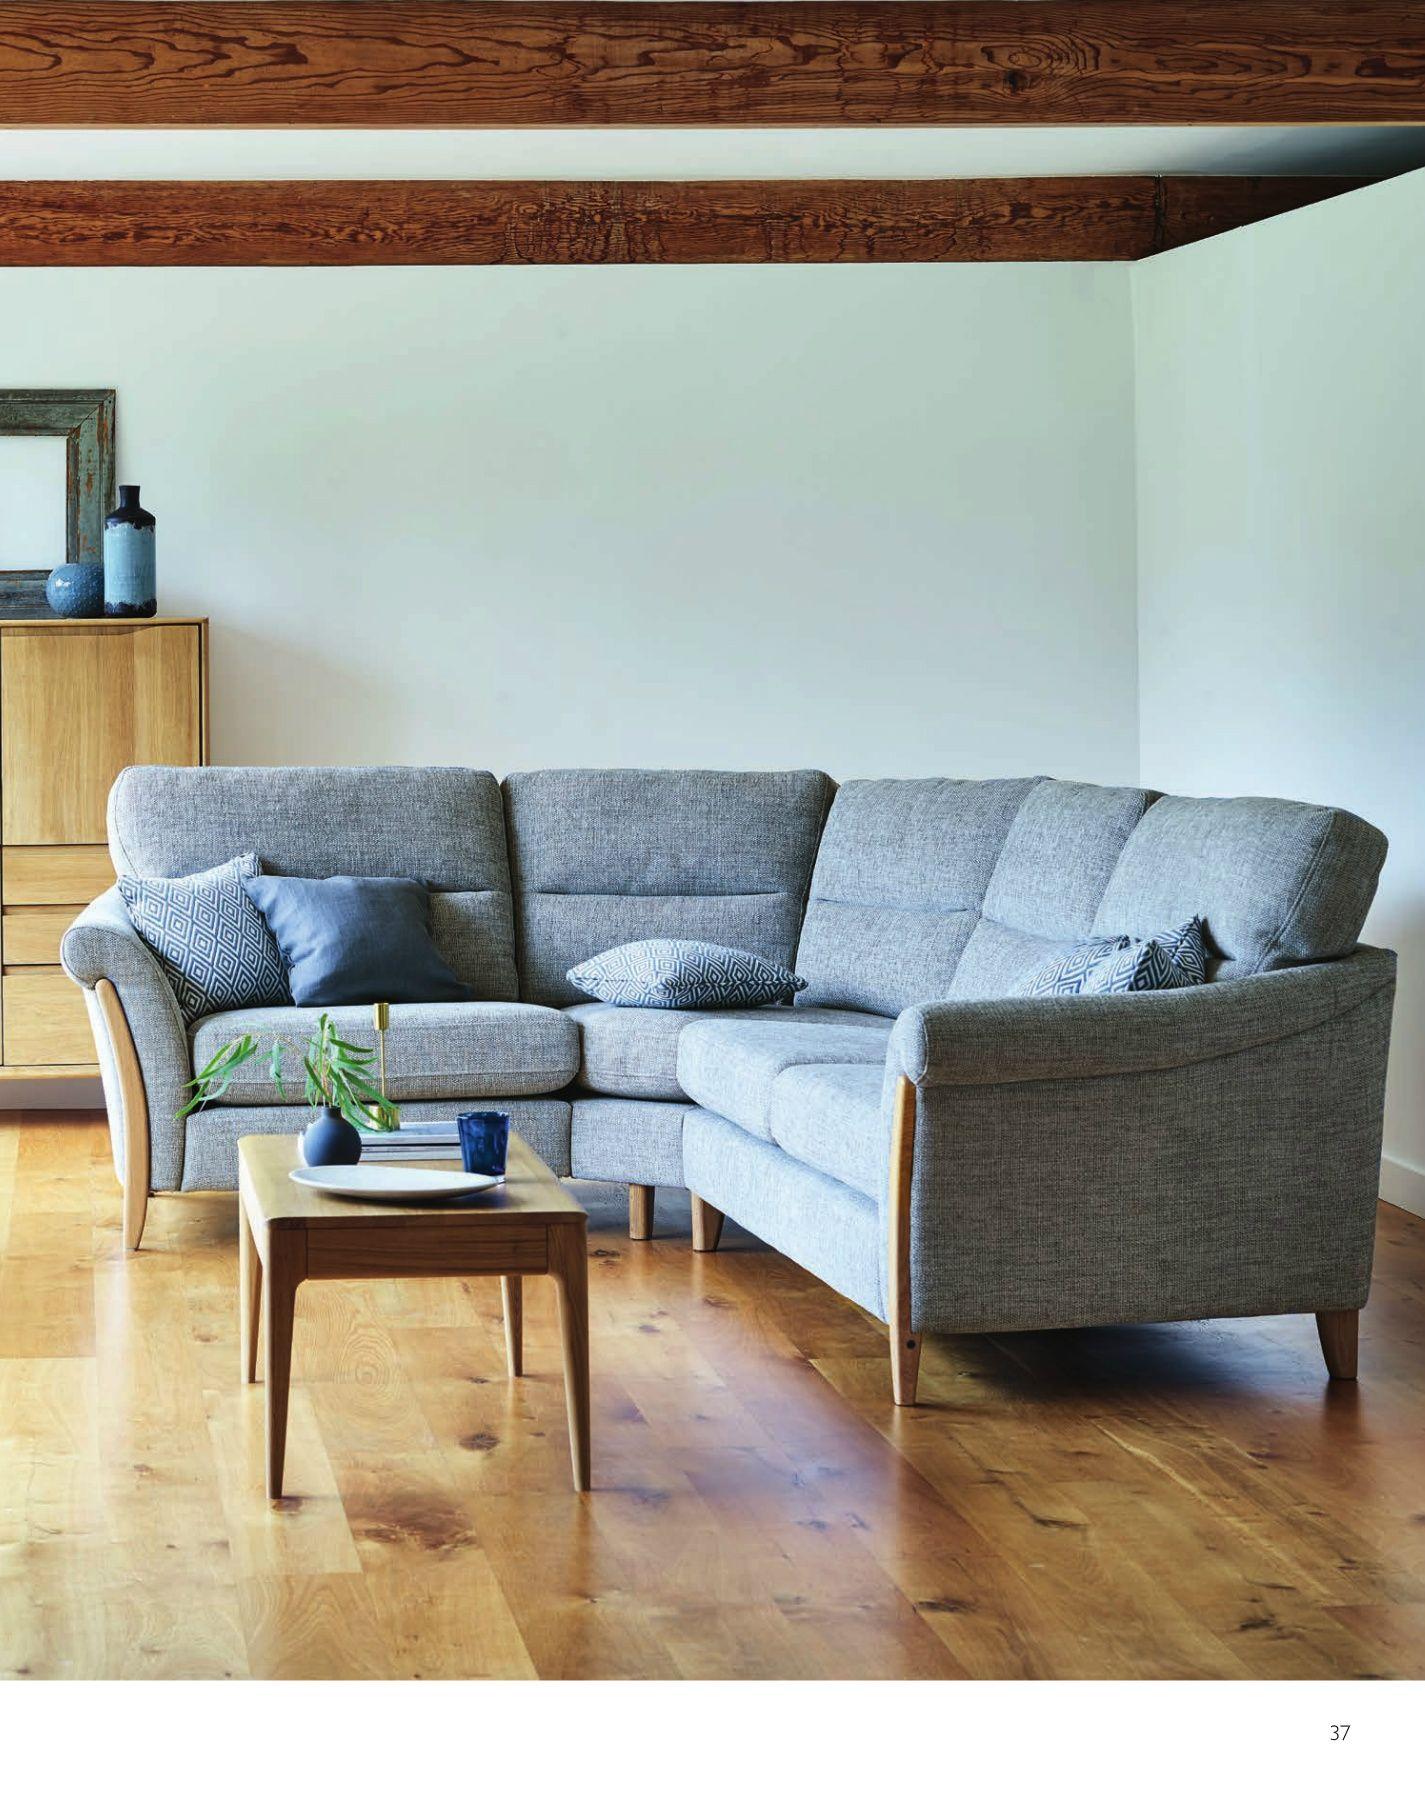 ERCOL cat 2019 web | Ercol furniture, Furniture, Corner